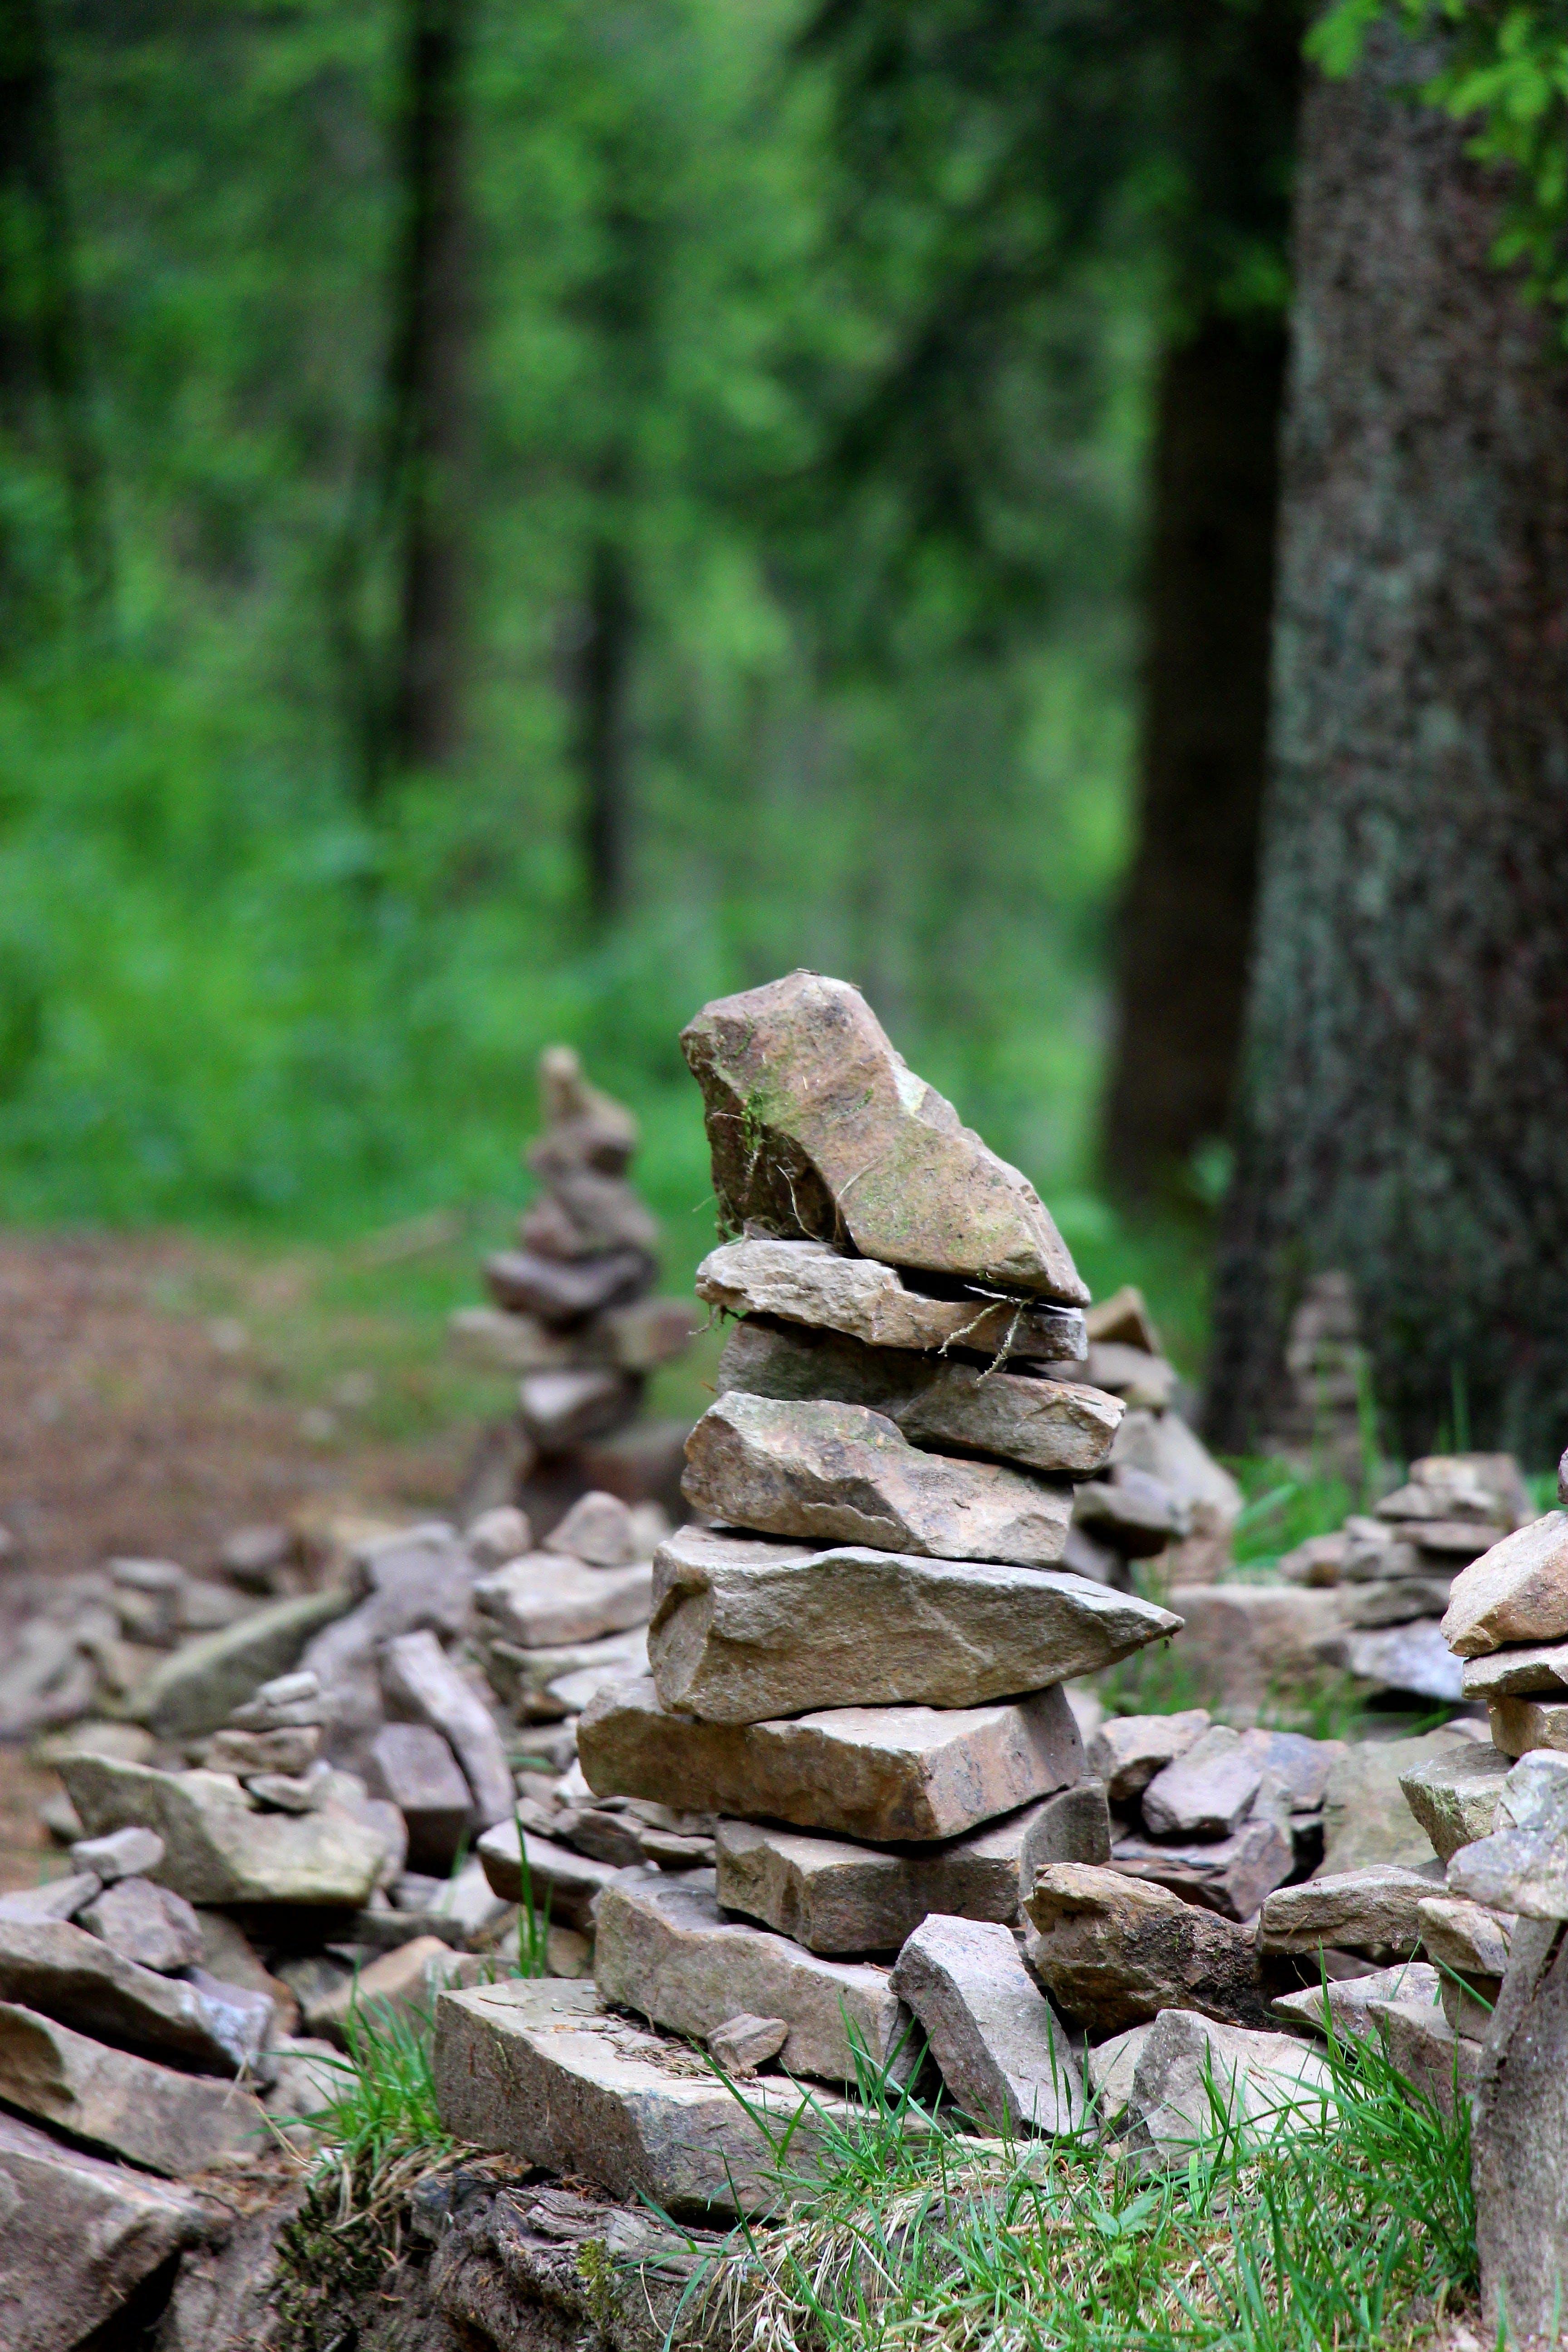 Gratis stockfoto met balancerende rots, hout, rotsen, steenhoop rotsen